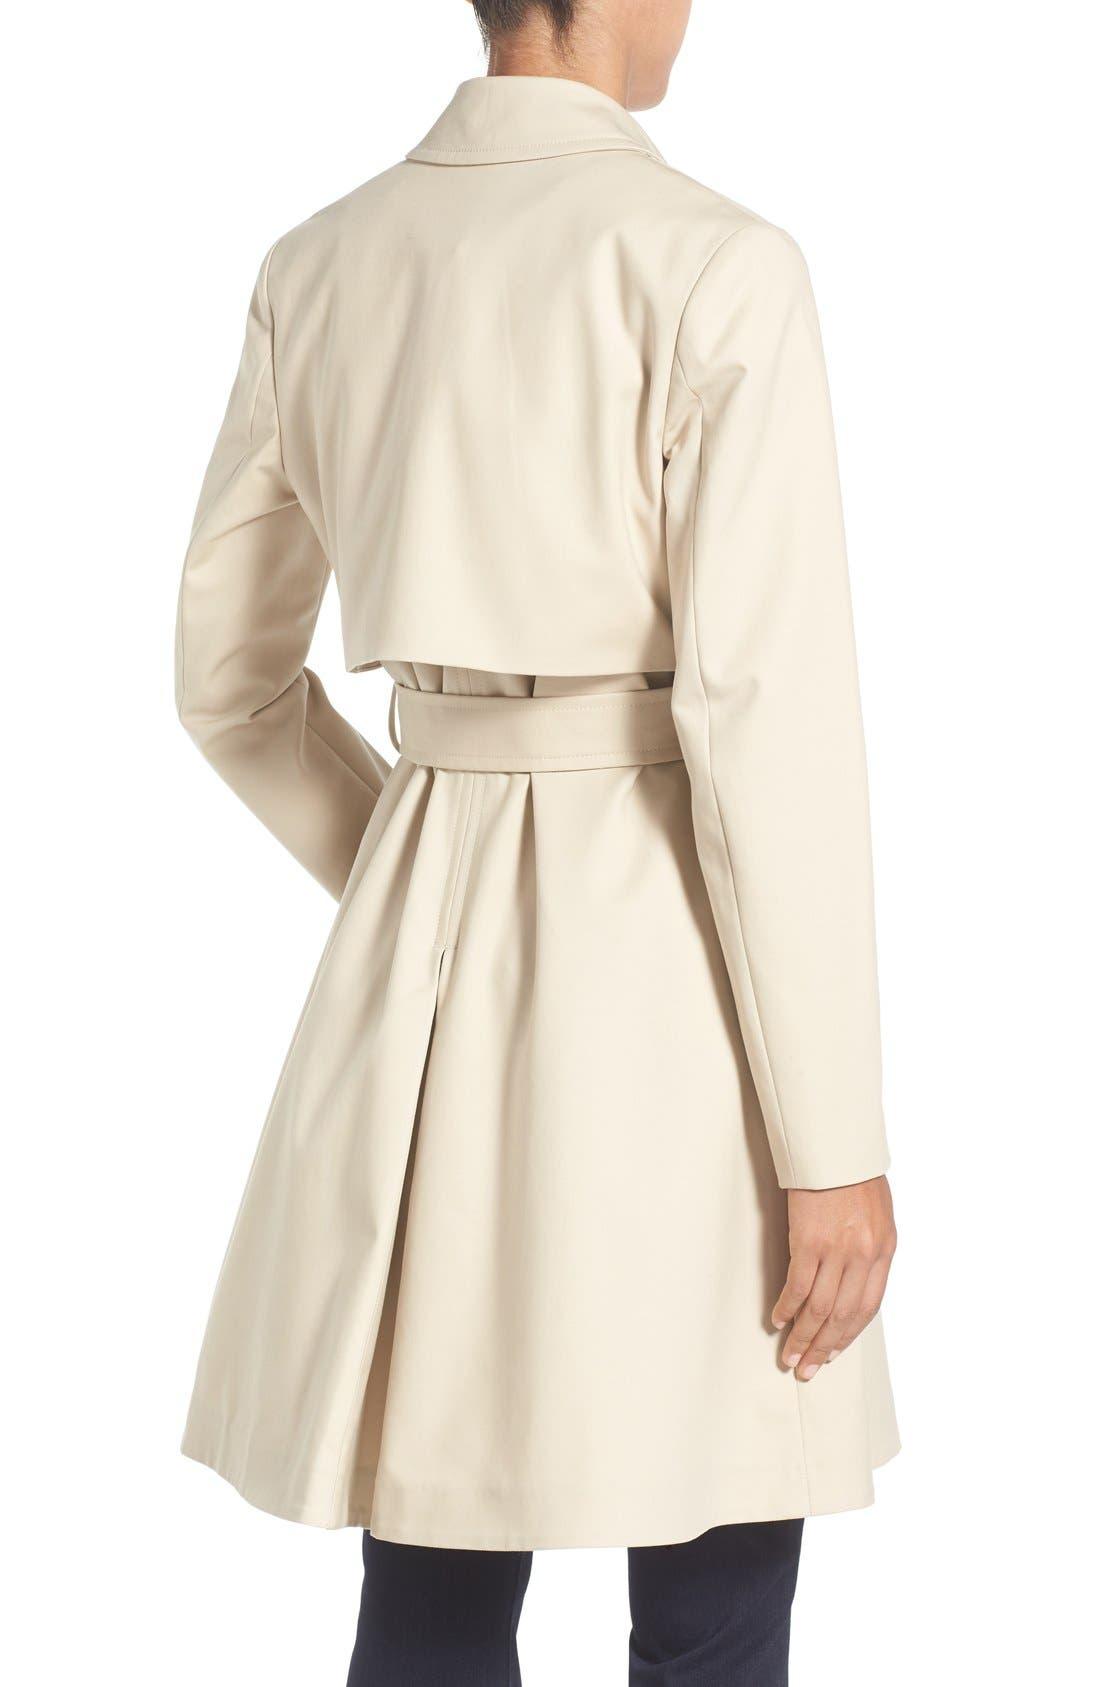 TED BAKER LONDON,                             Flared Skirt Trench Coat,                             Alternate thumbnail 2, color,                             253